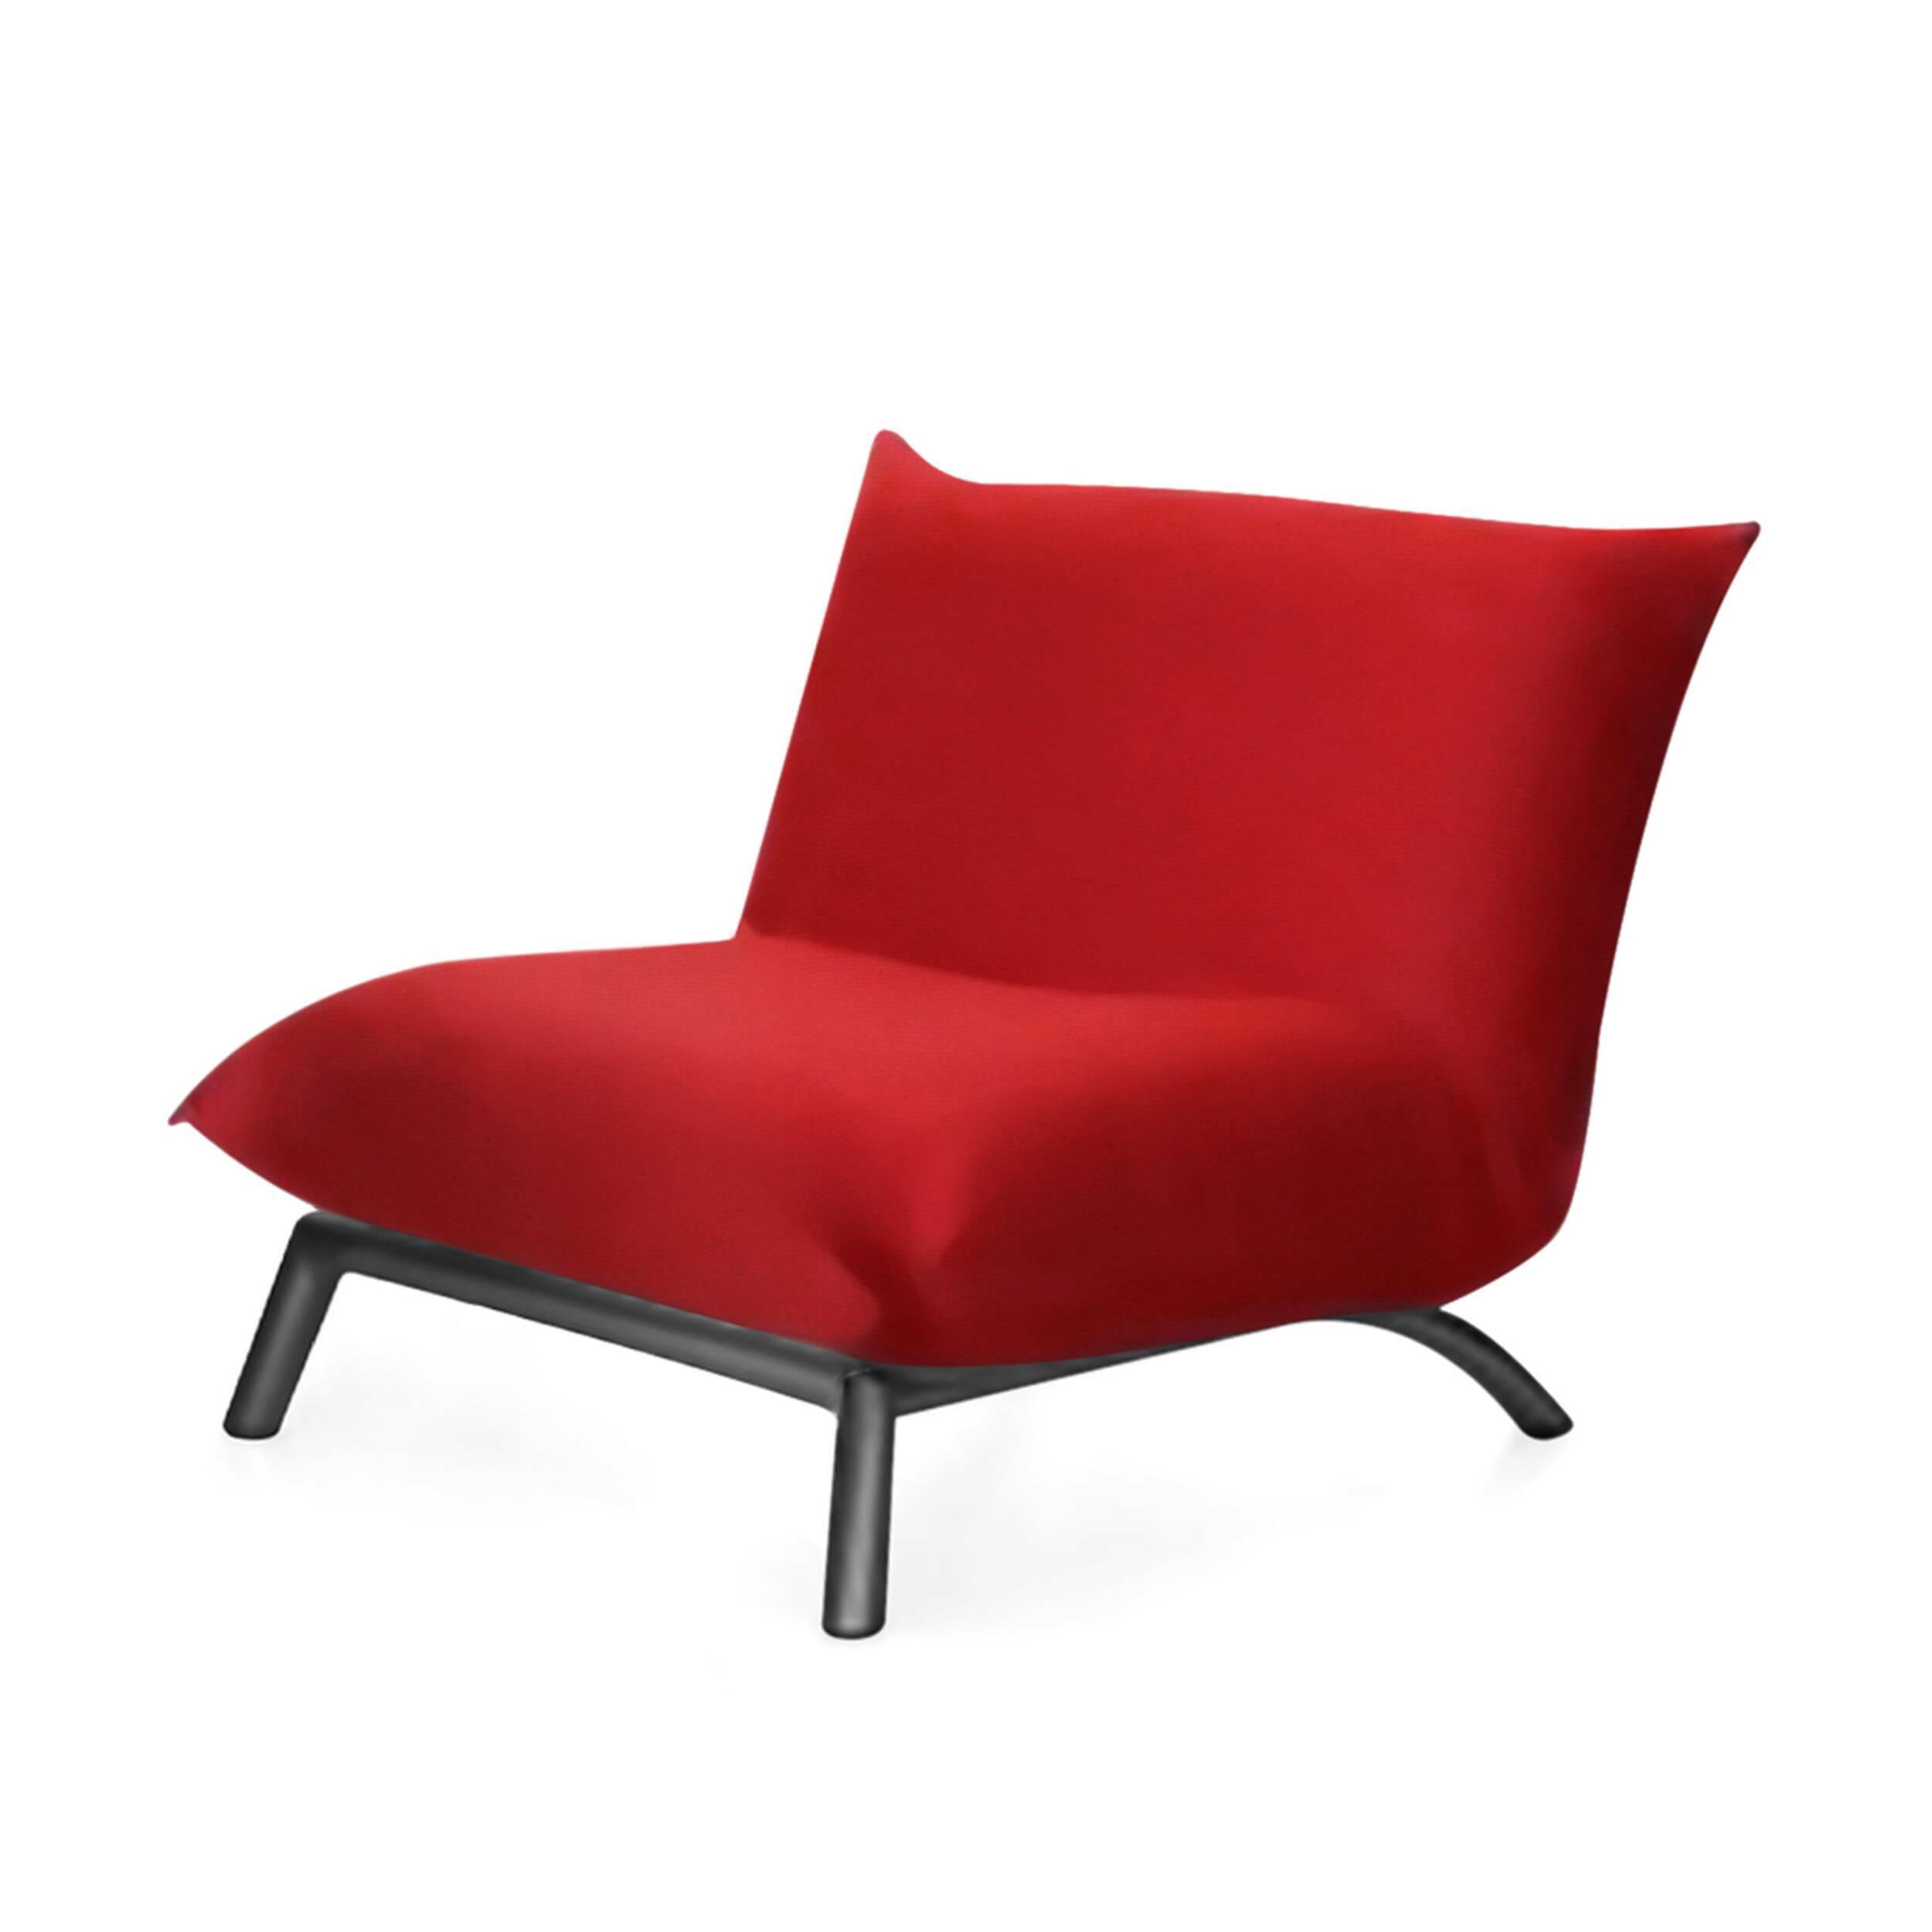 Купить Чехол для кресла Soft Line Delta Vision Red Fabric 448, Softline